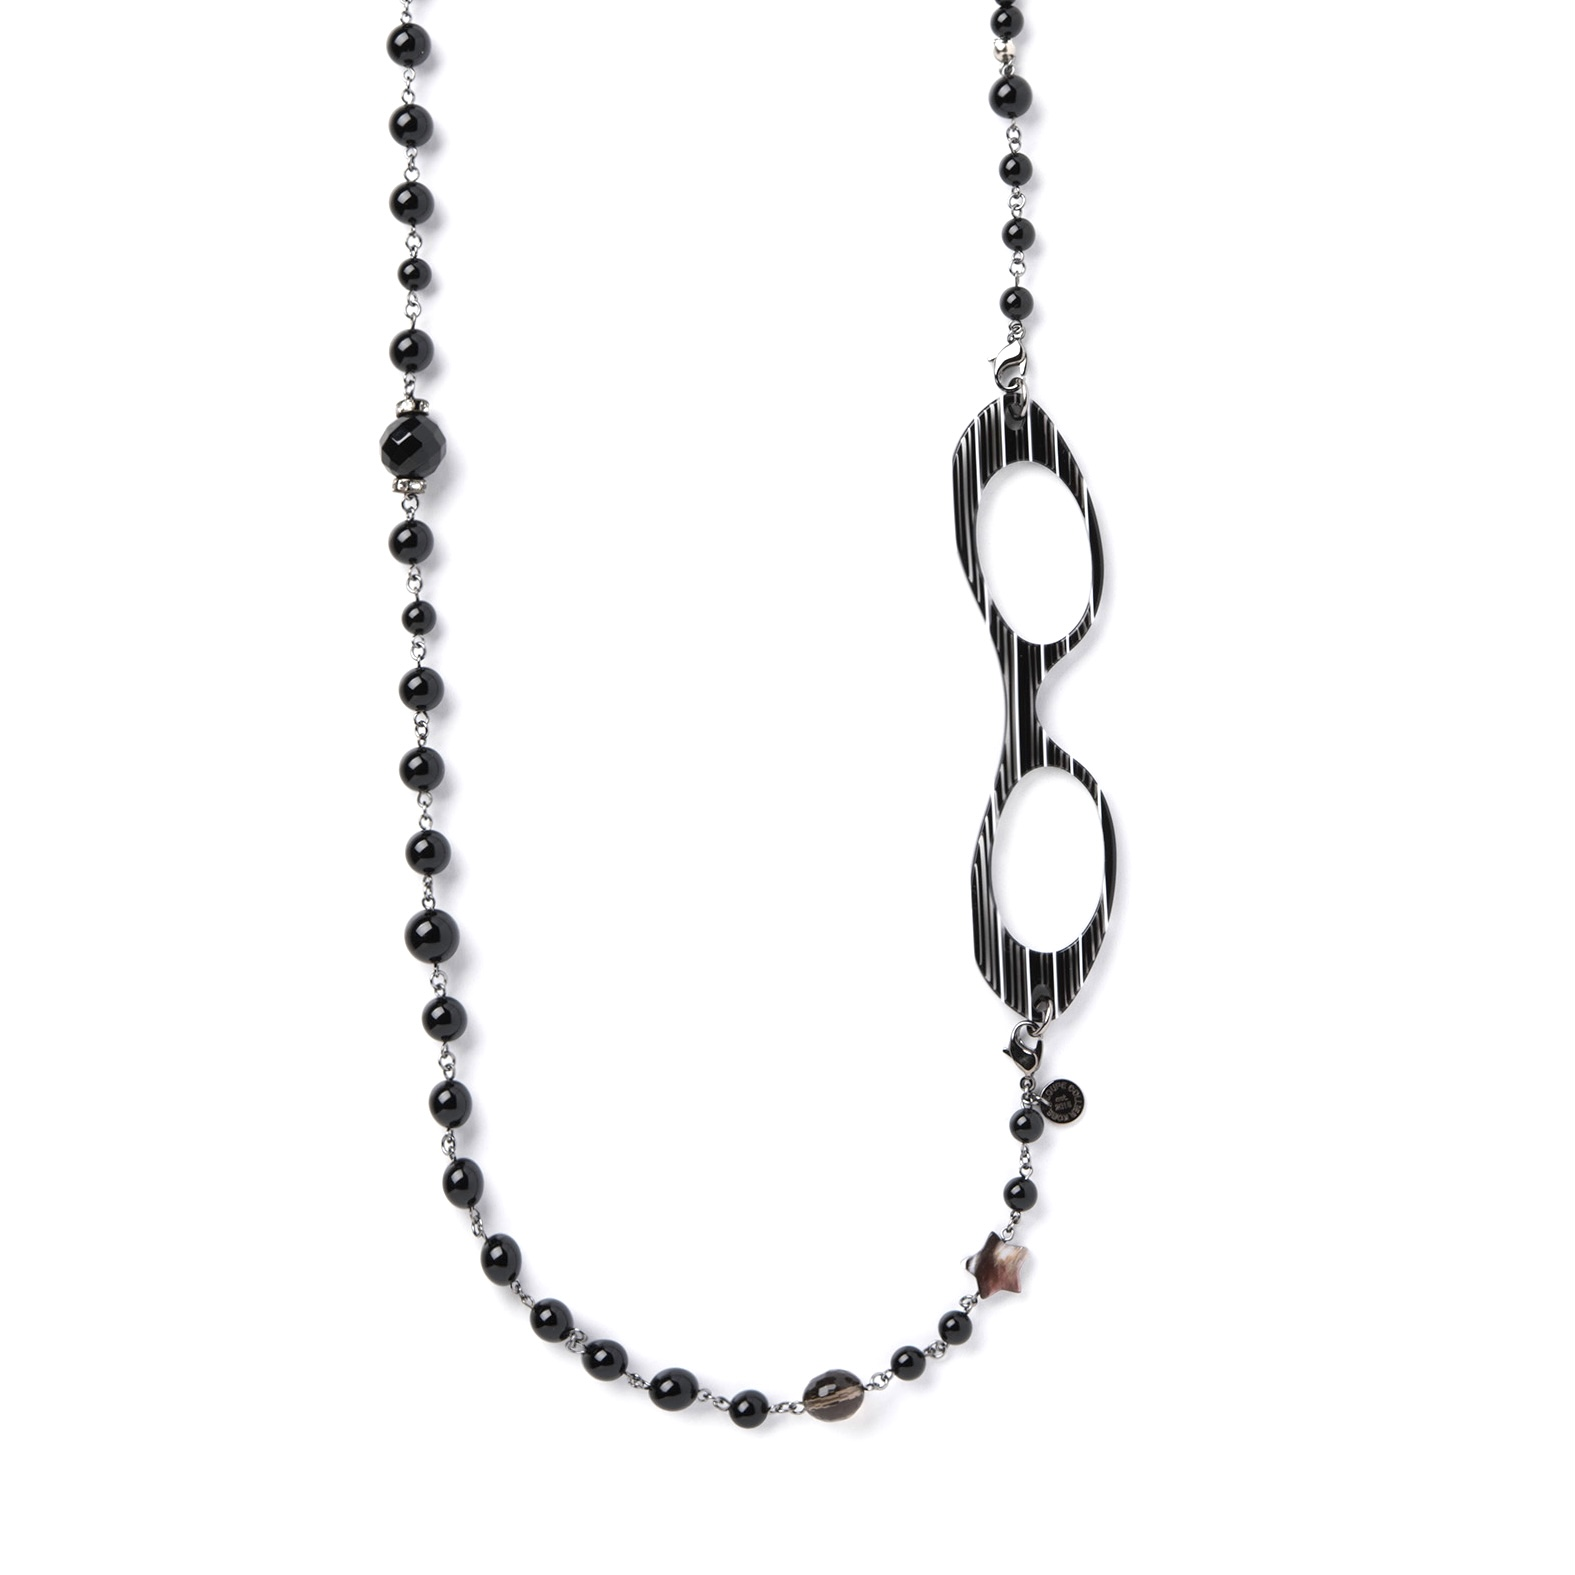 K008 Onyx Black